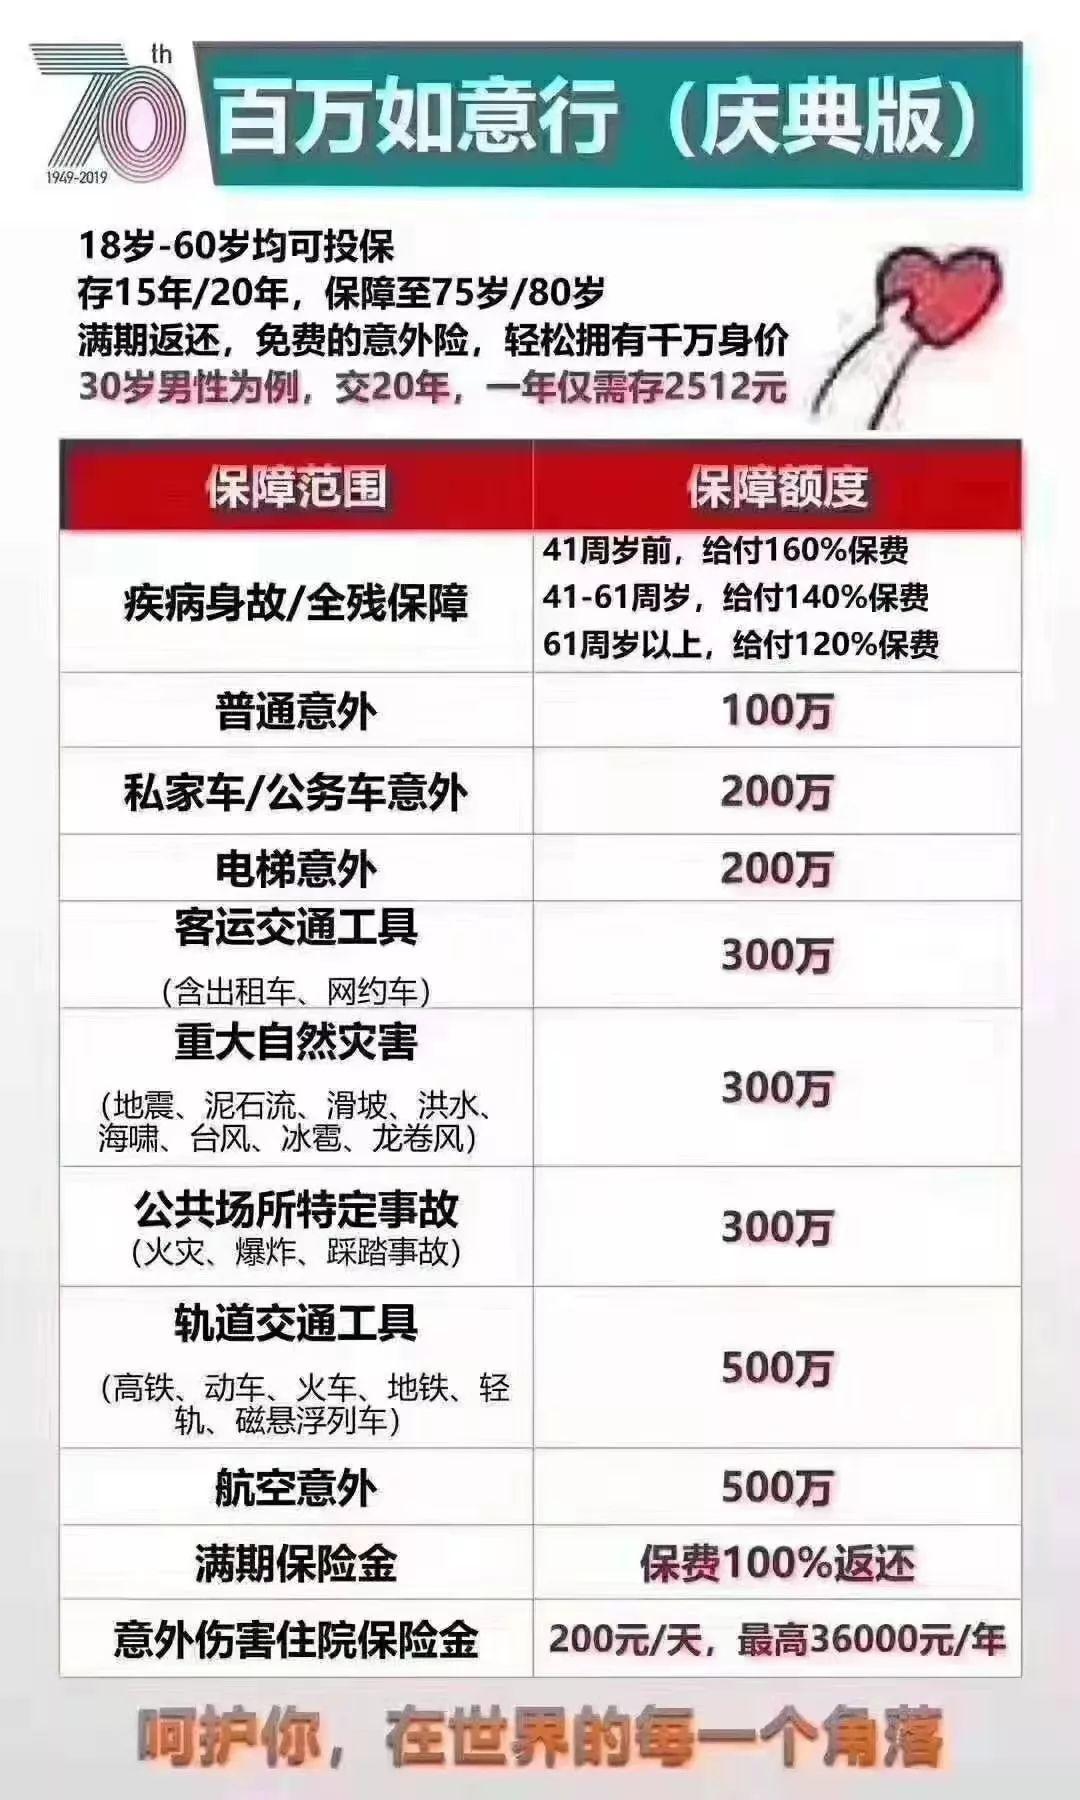 首页 险种资料 China人寿 >>邪文 ----国寿百万如意止Insurance产物组合